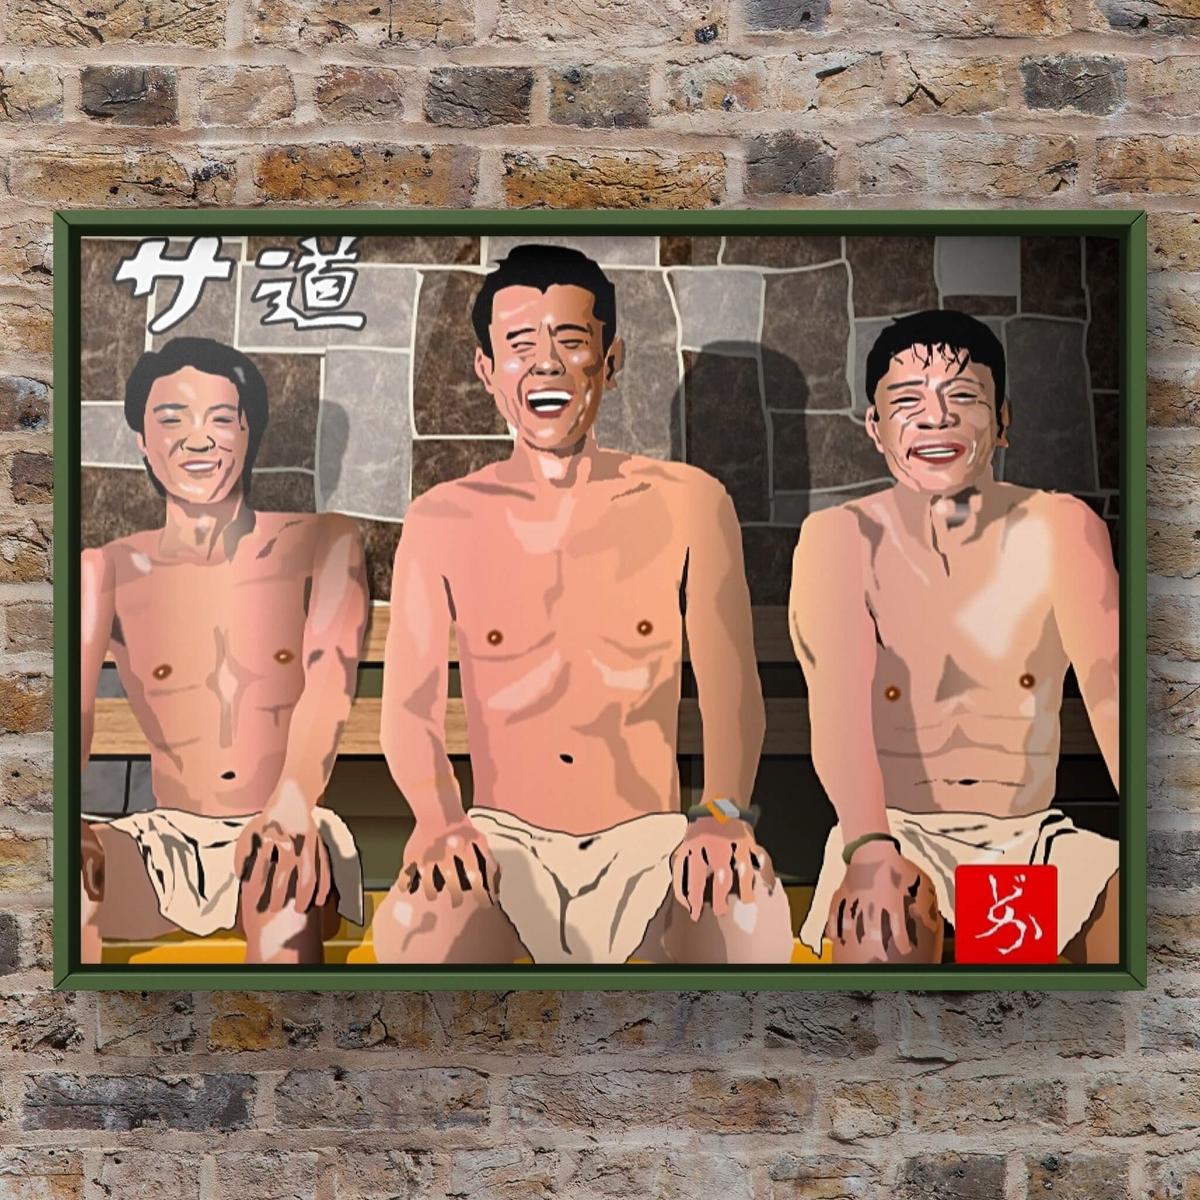 サウナドラマ「サ道」のエクセル画イラスト額装版